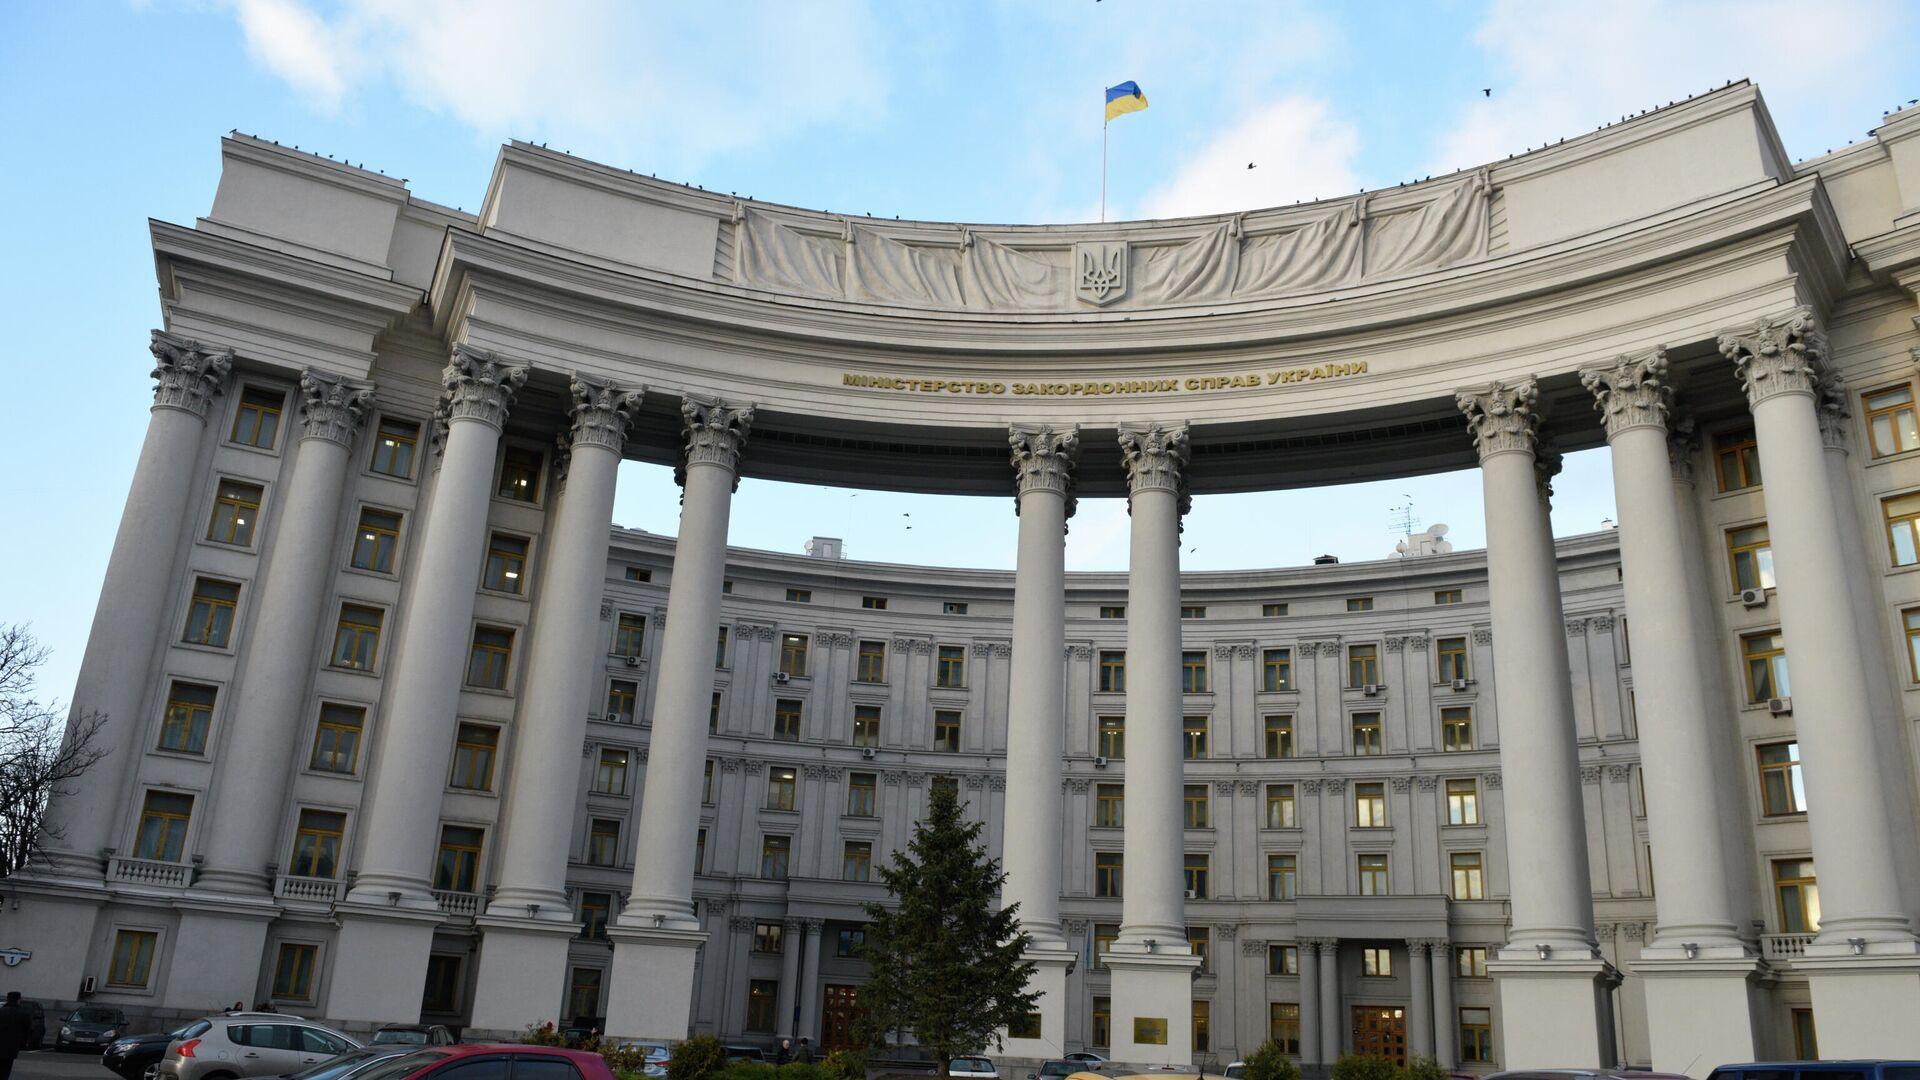 Здание министерства иностранных дел в Киеве - РИА Новости, 1920, 23.02.2021